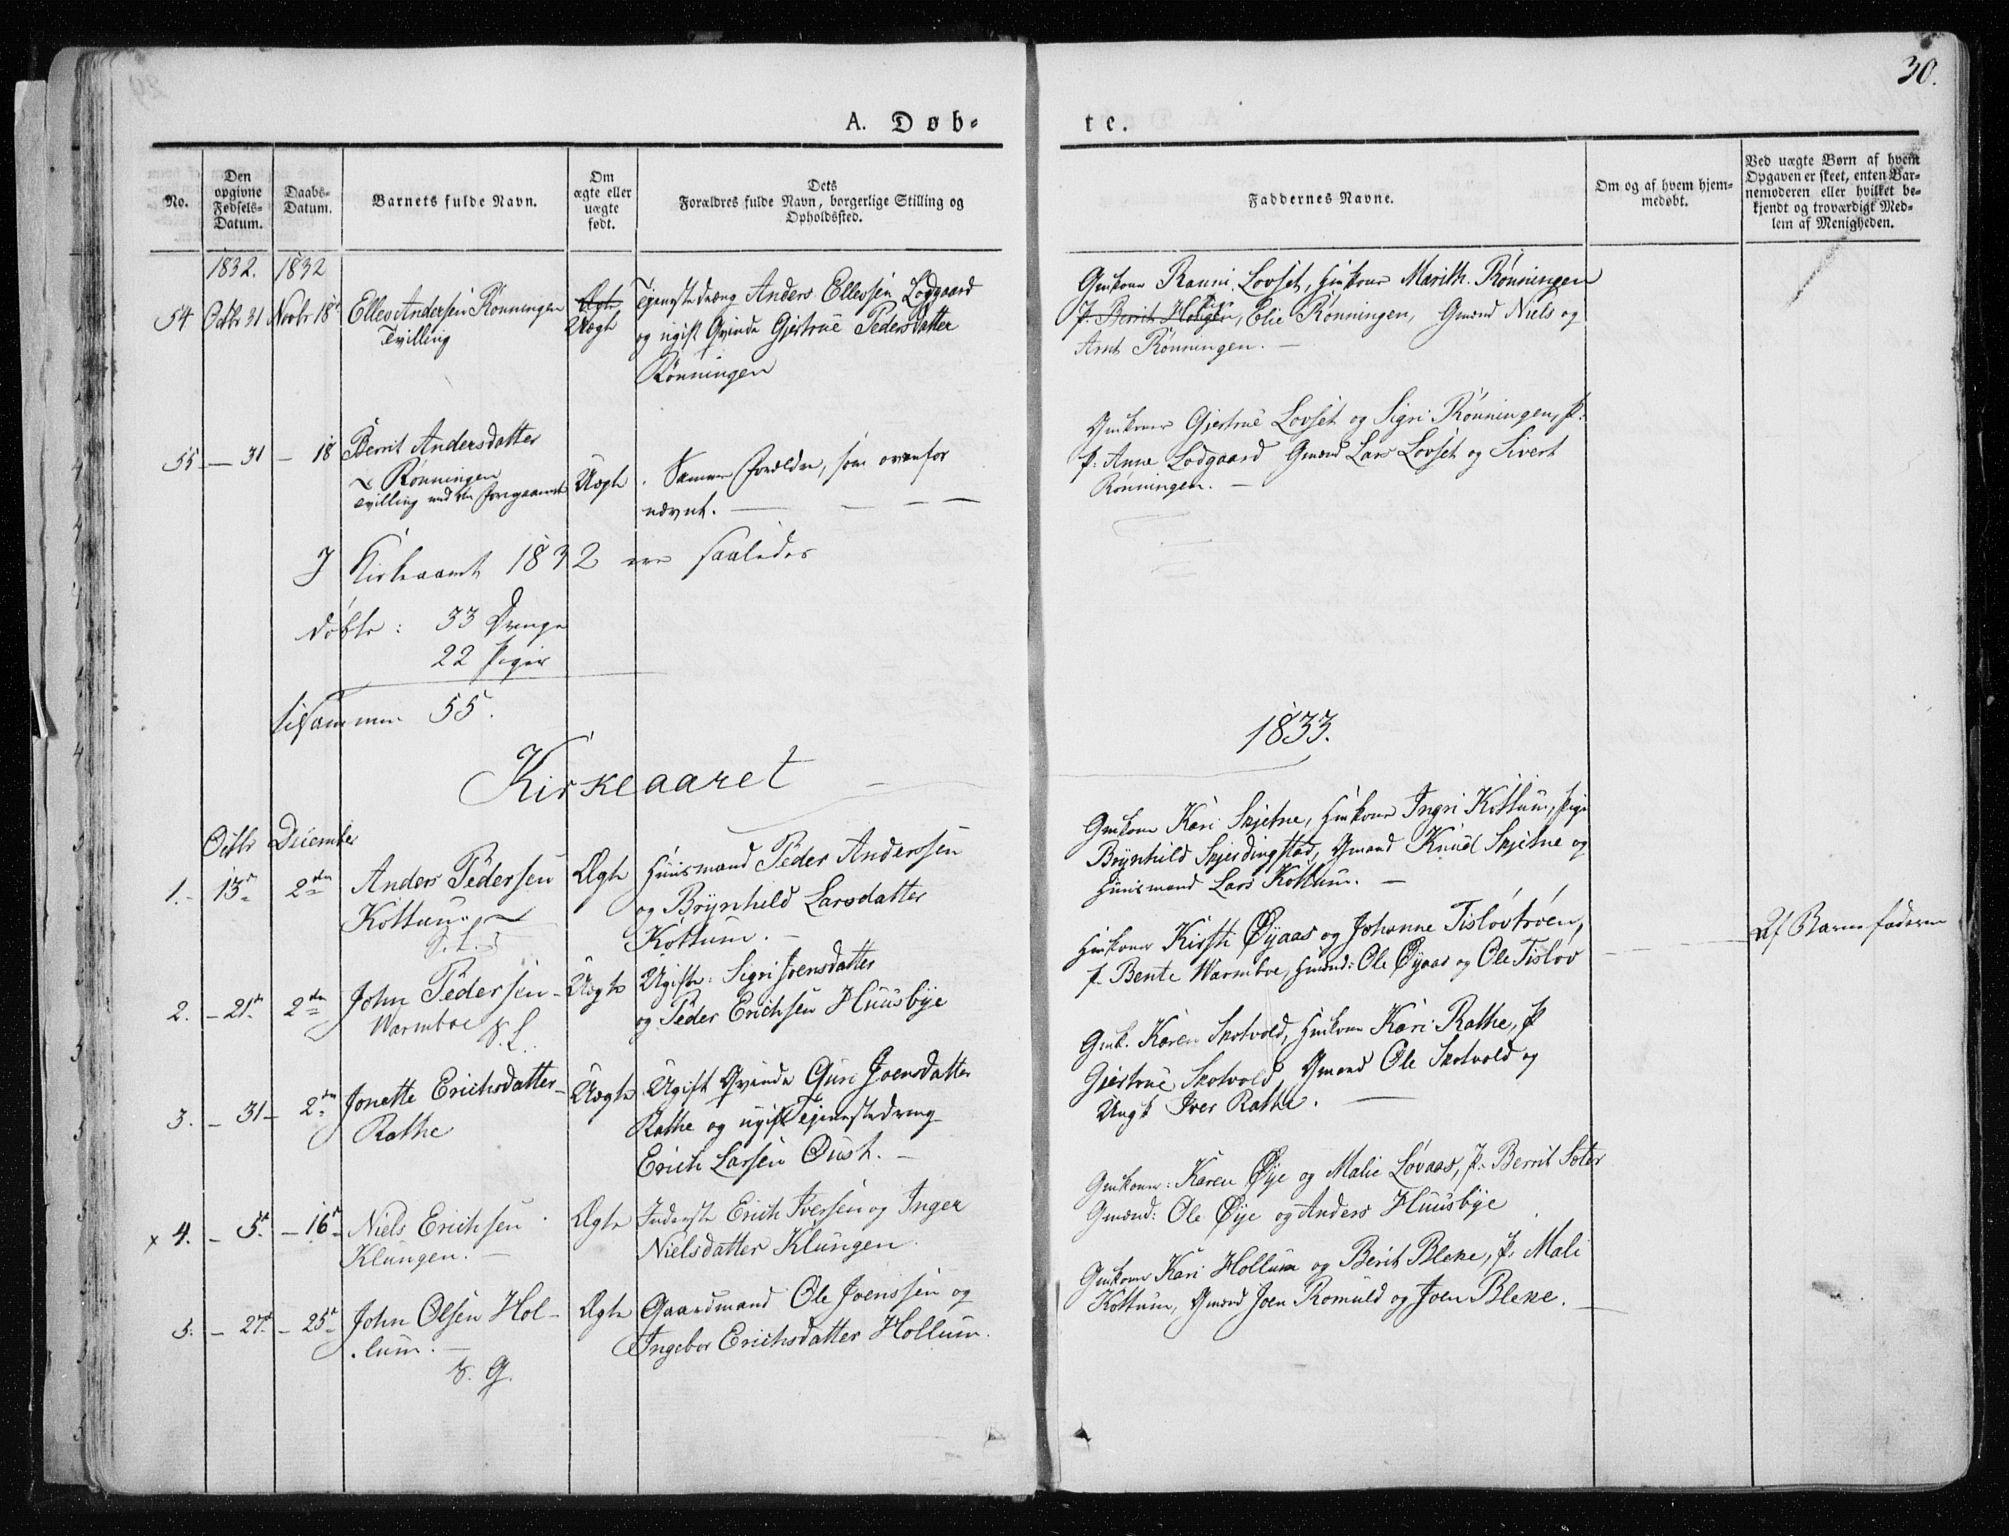 SAT, Ministerialprotokoller, klokkerbøker og fødselsregistre - Sør-Trøndelag, 691/L1069: Ministerialbok nr. 691A04, 1826-1841, s. 30